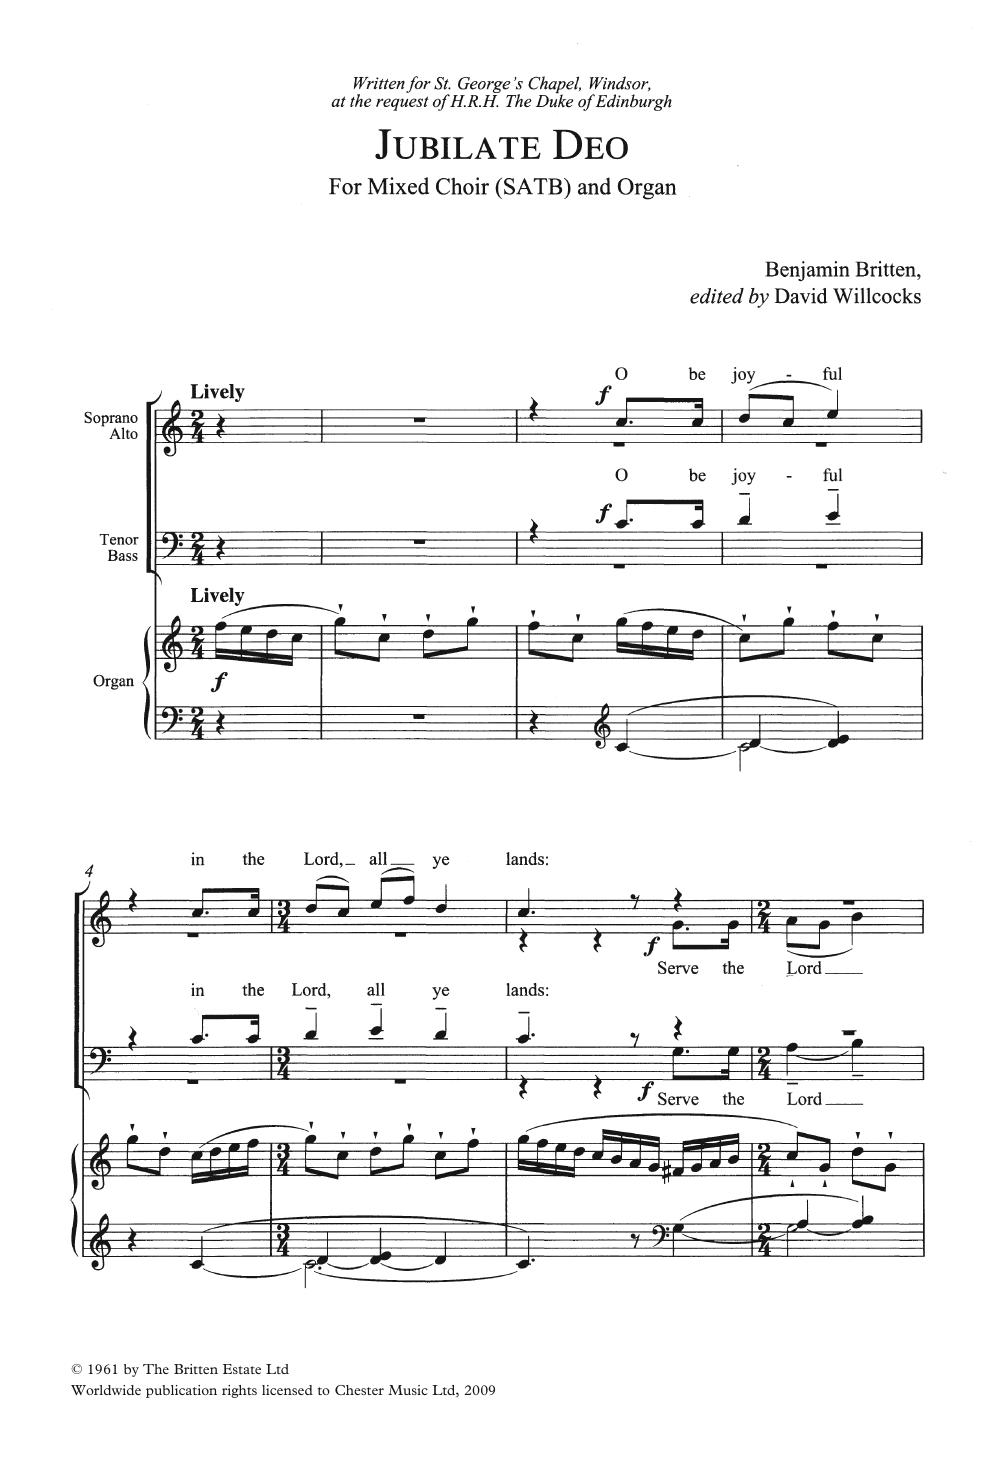 Benjamin Britten - Jubilate Deo In C Major